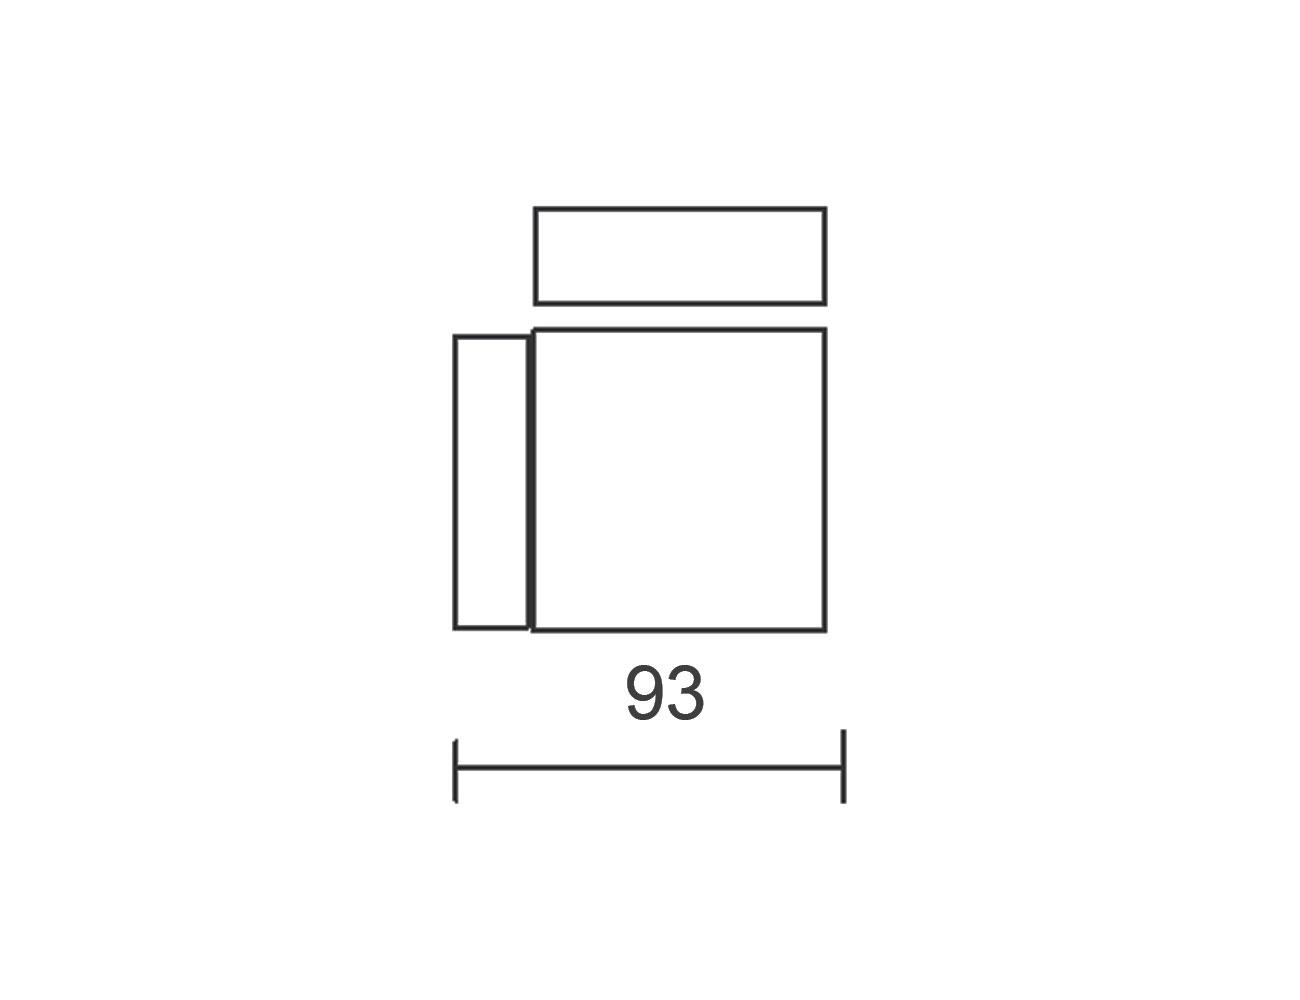 Modulo 935